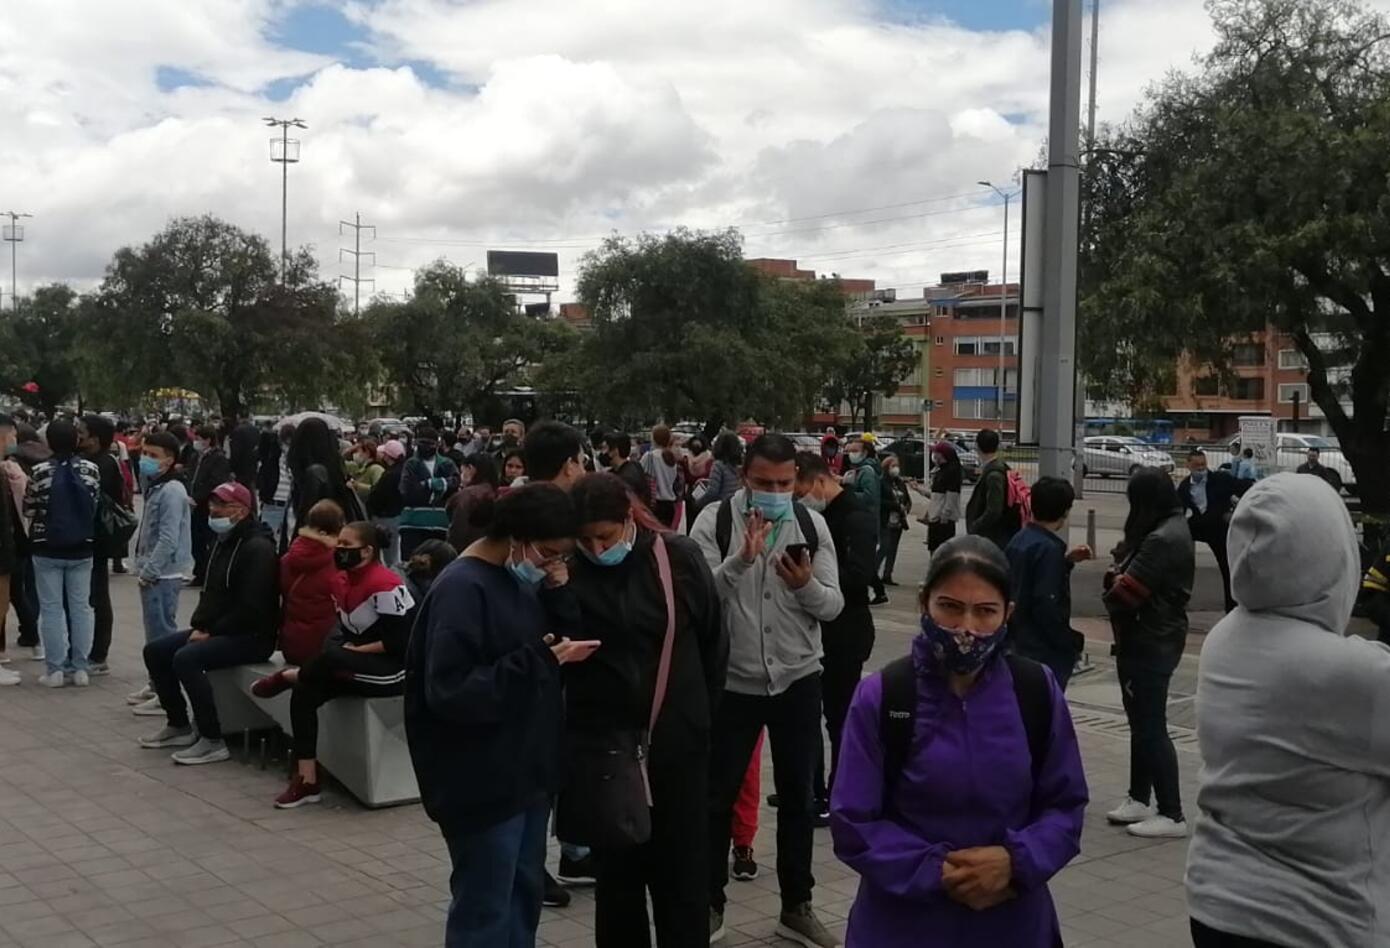 Denuncian mala organización en la vacunación contra la Covid-19 en Bogotá